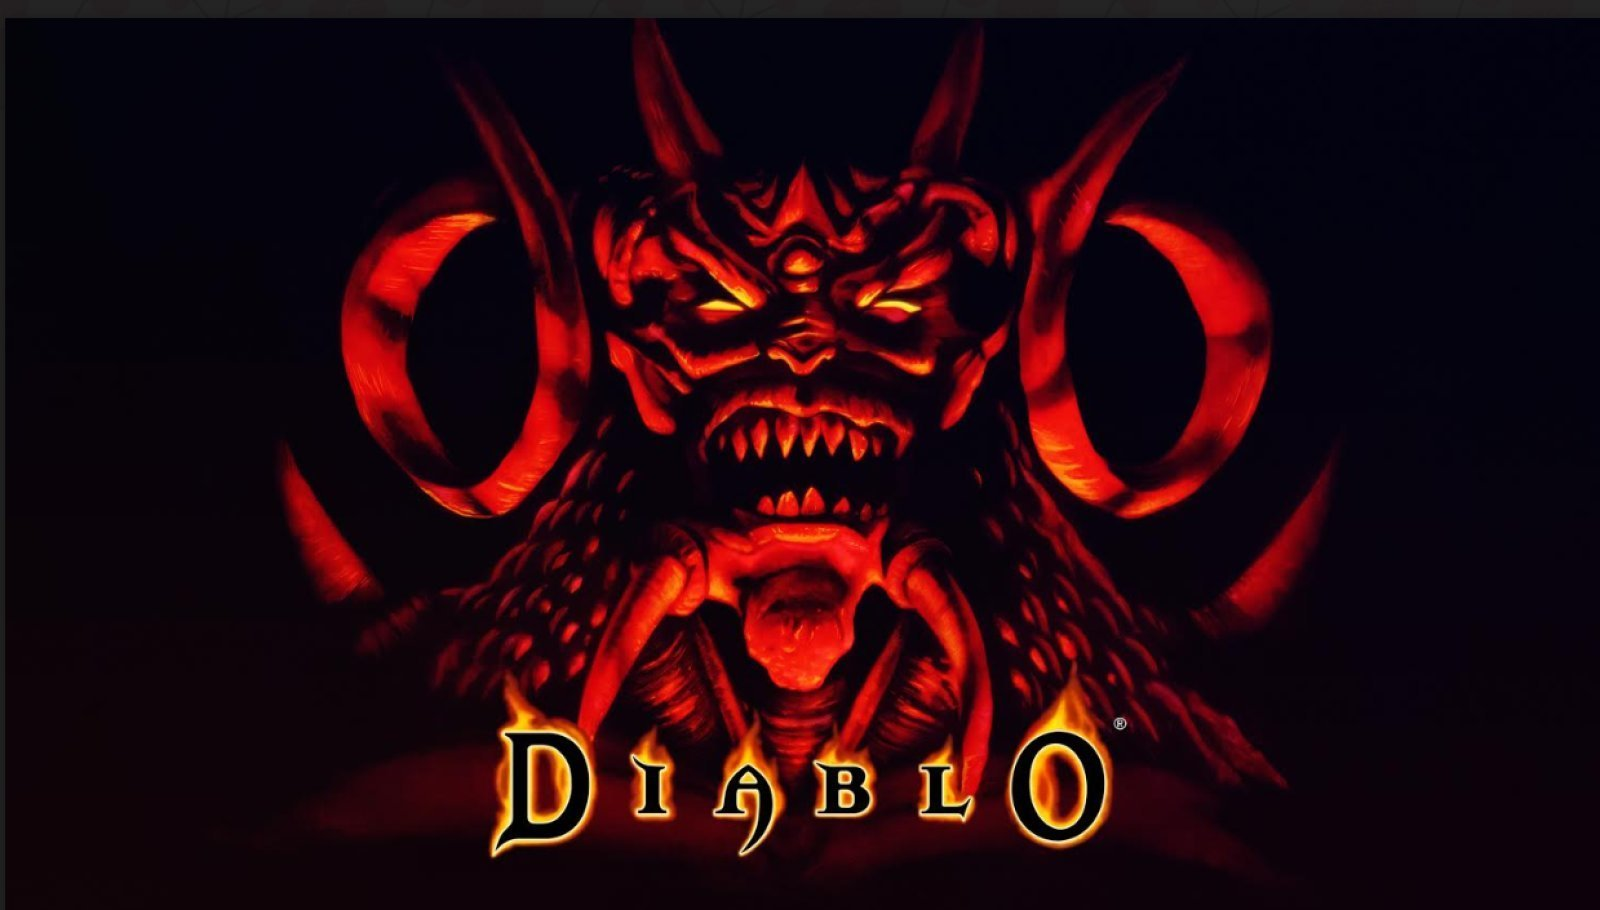 diablo logo